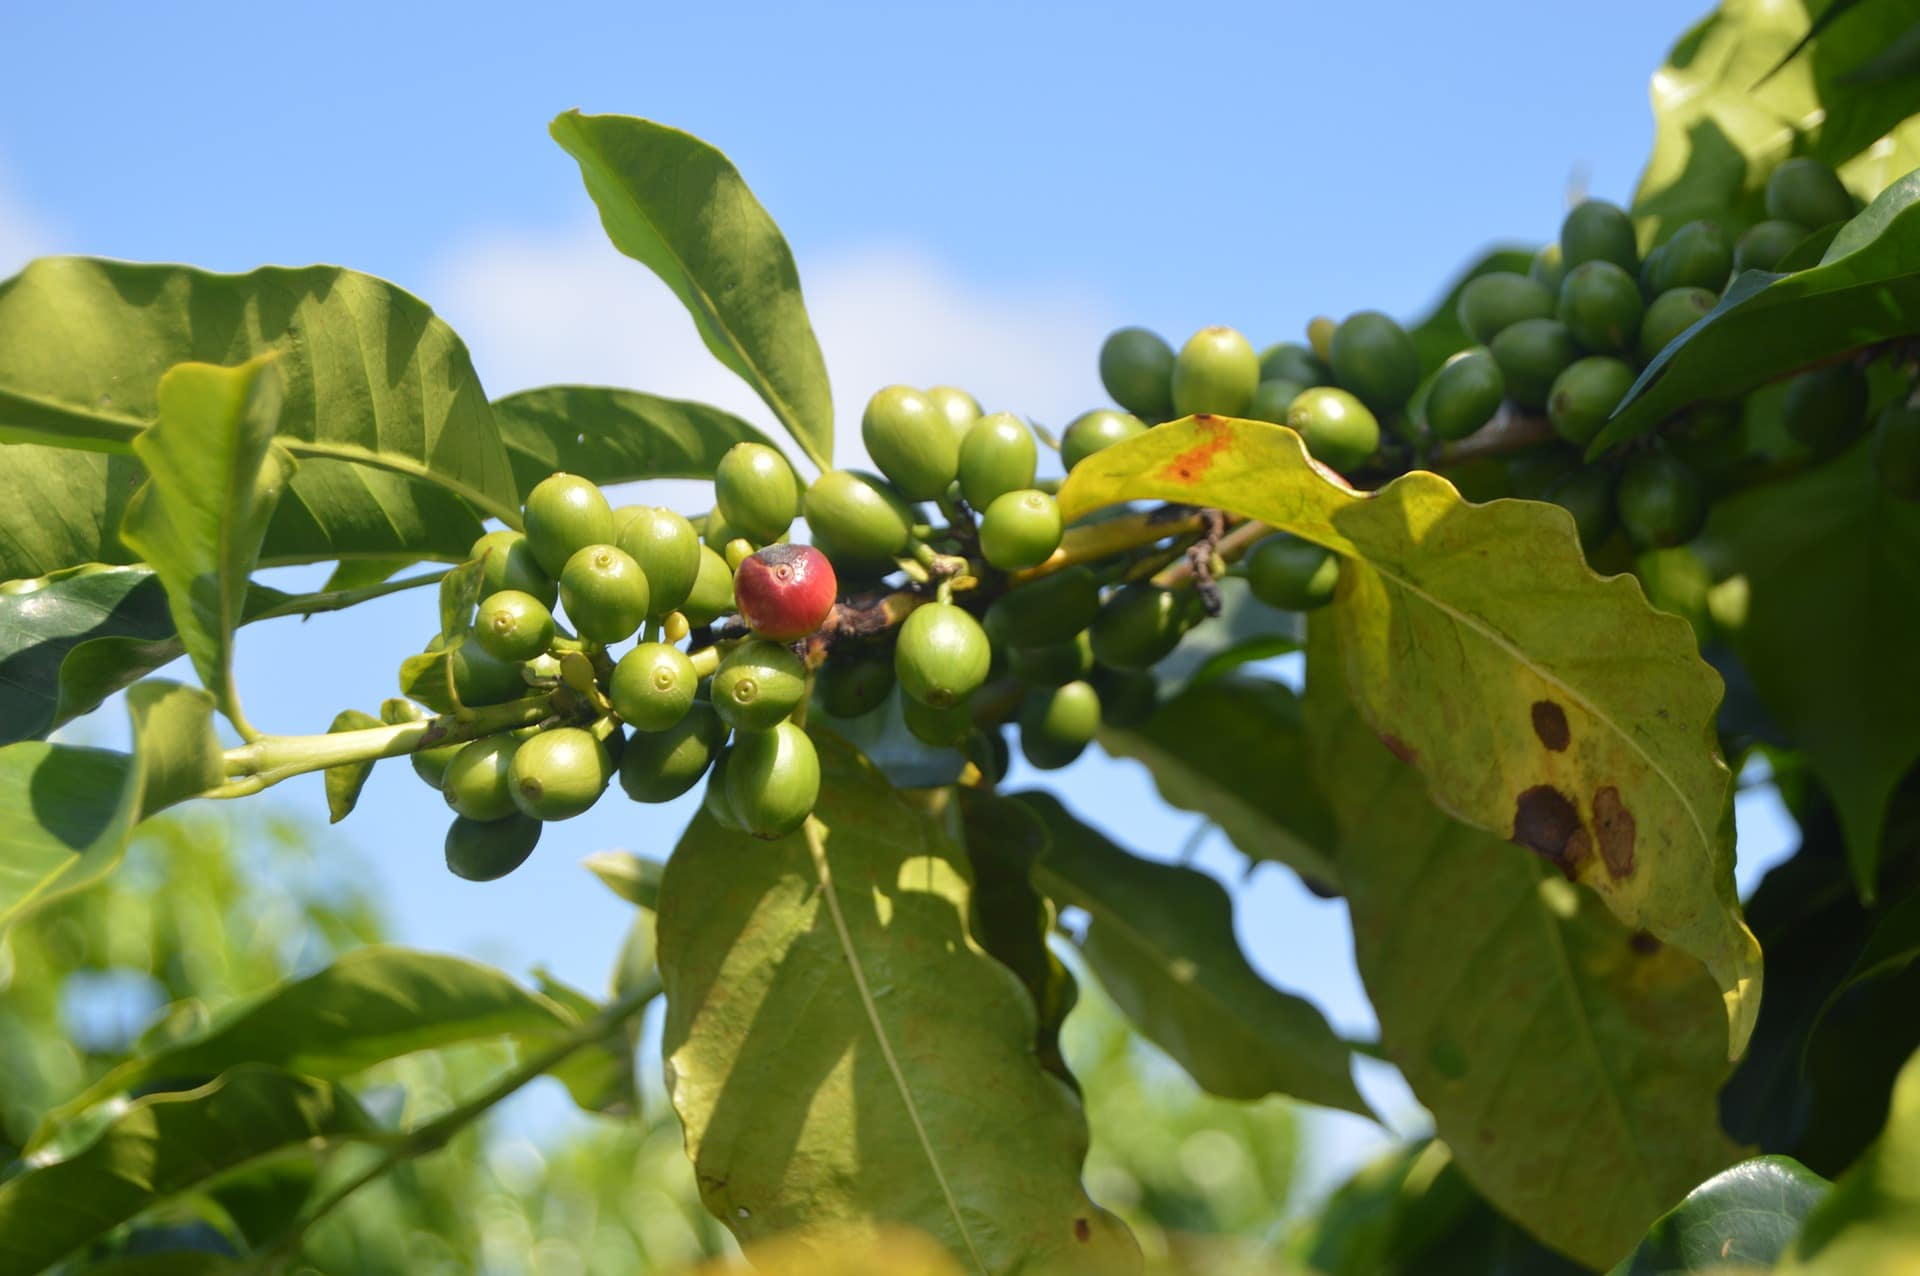 Zelená káva má pozitivní vliv na hubnutí / foto: pixabay.com